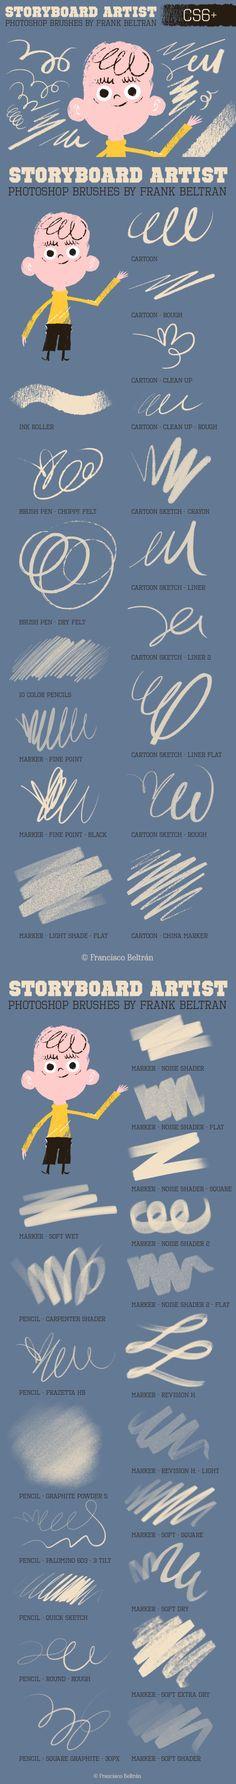 Photoshop Storyboard Artist Brushes. Photoshop Brushes. $5.00